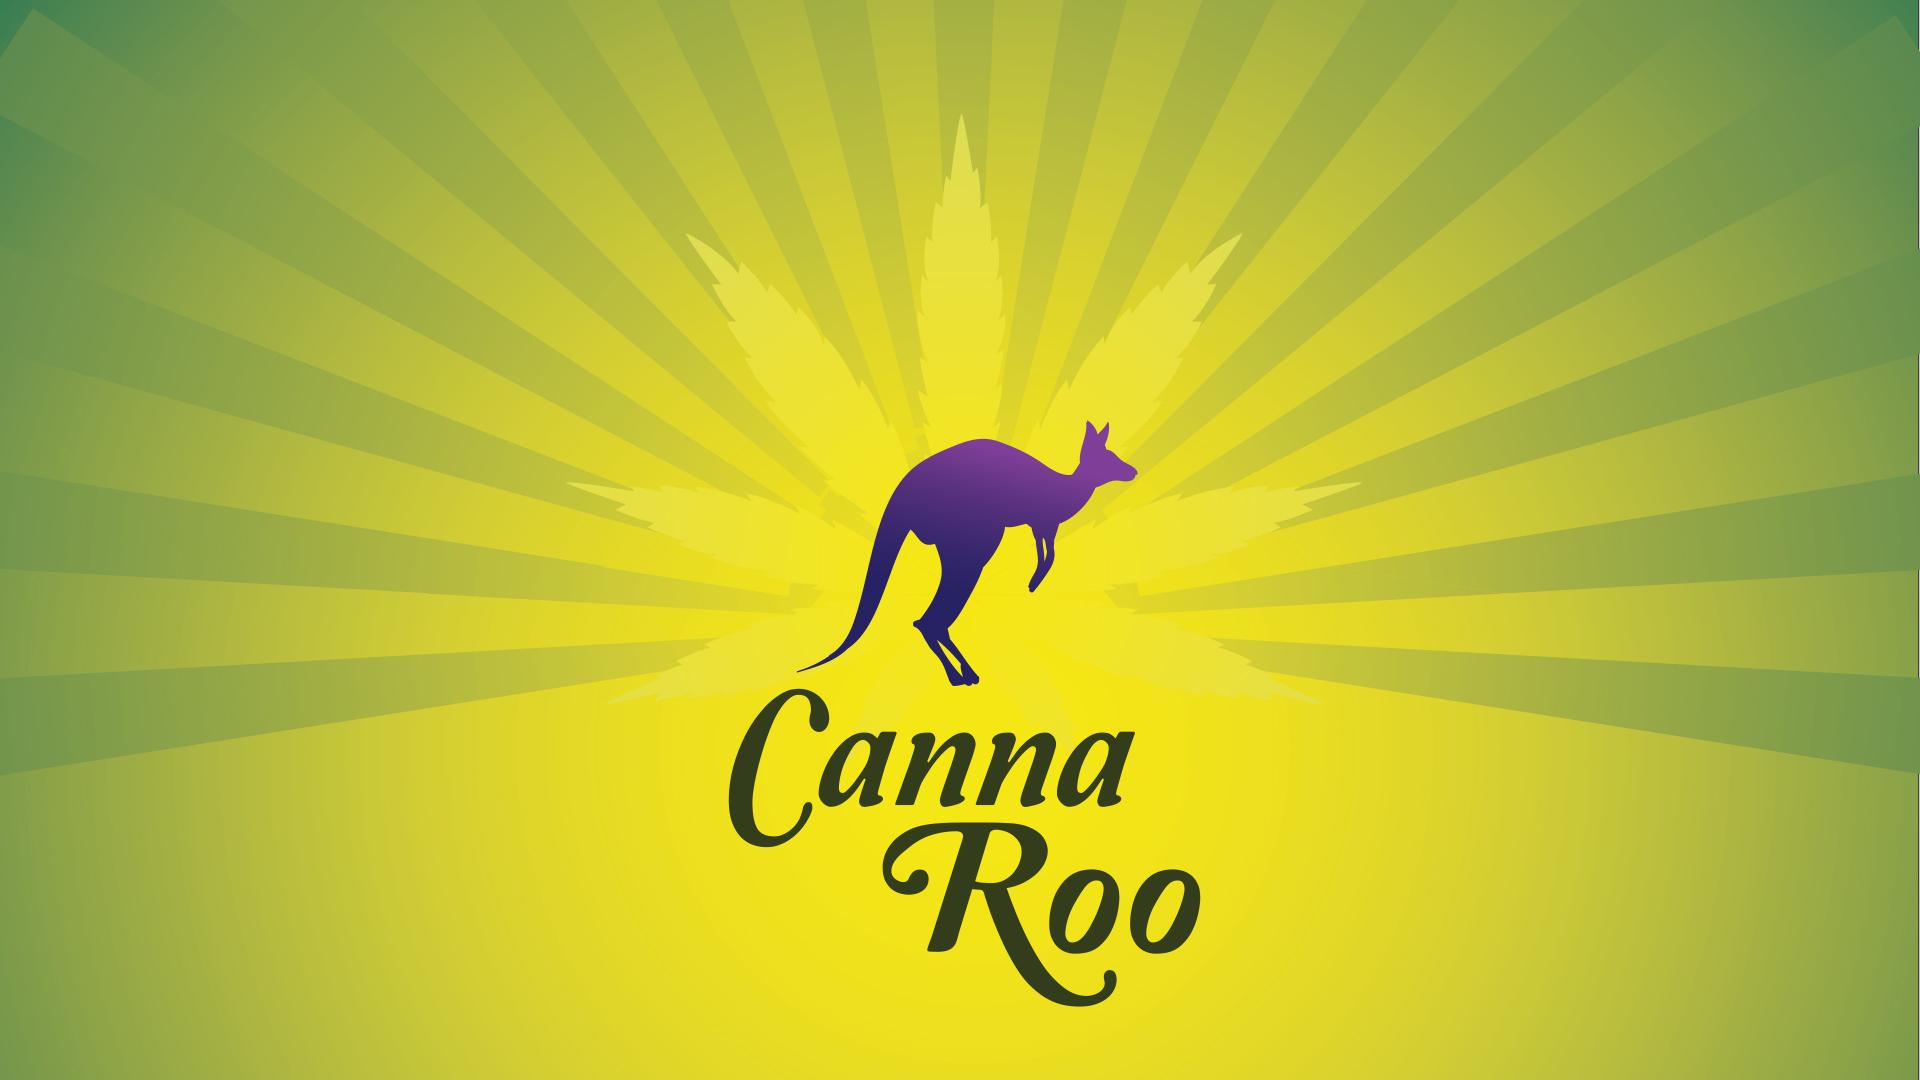 CannaRoo